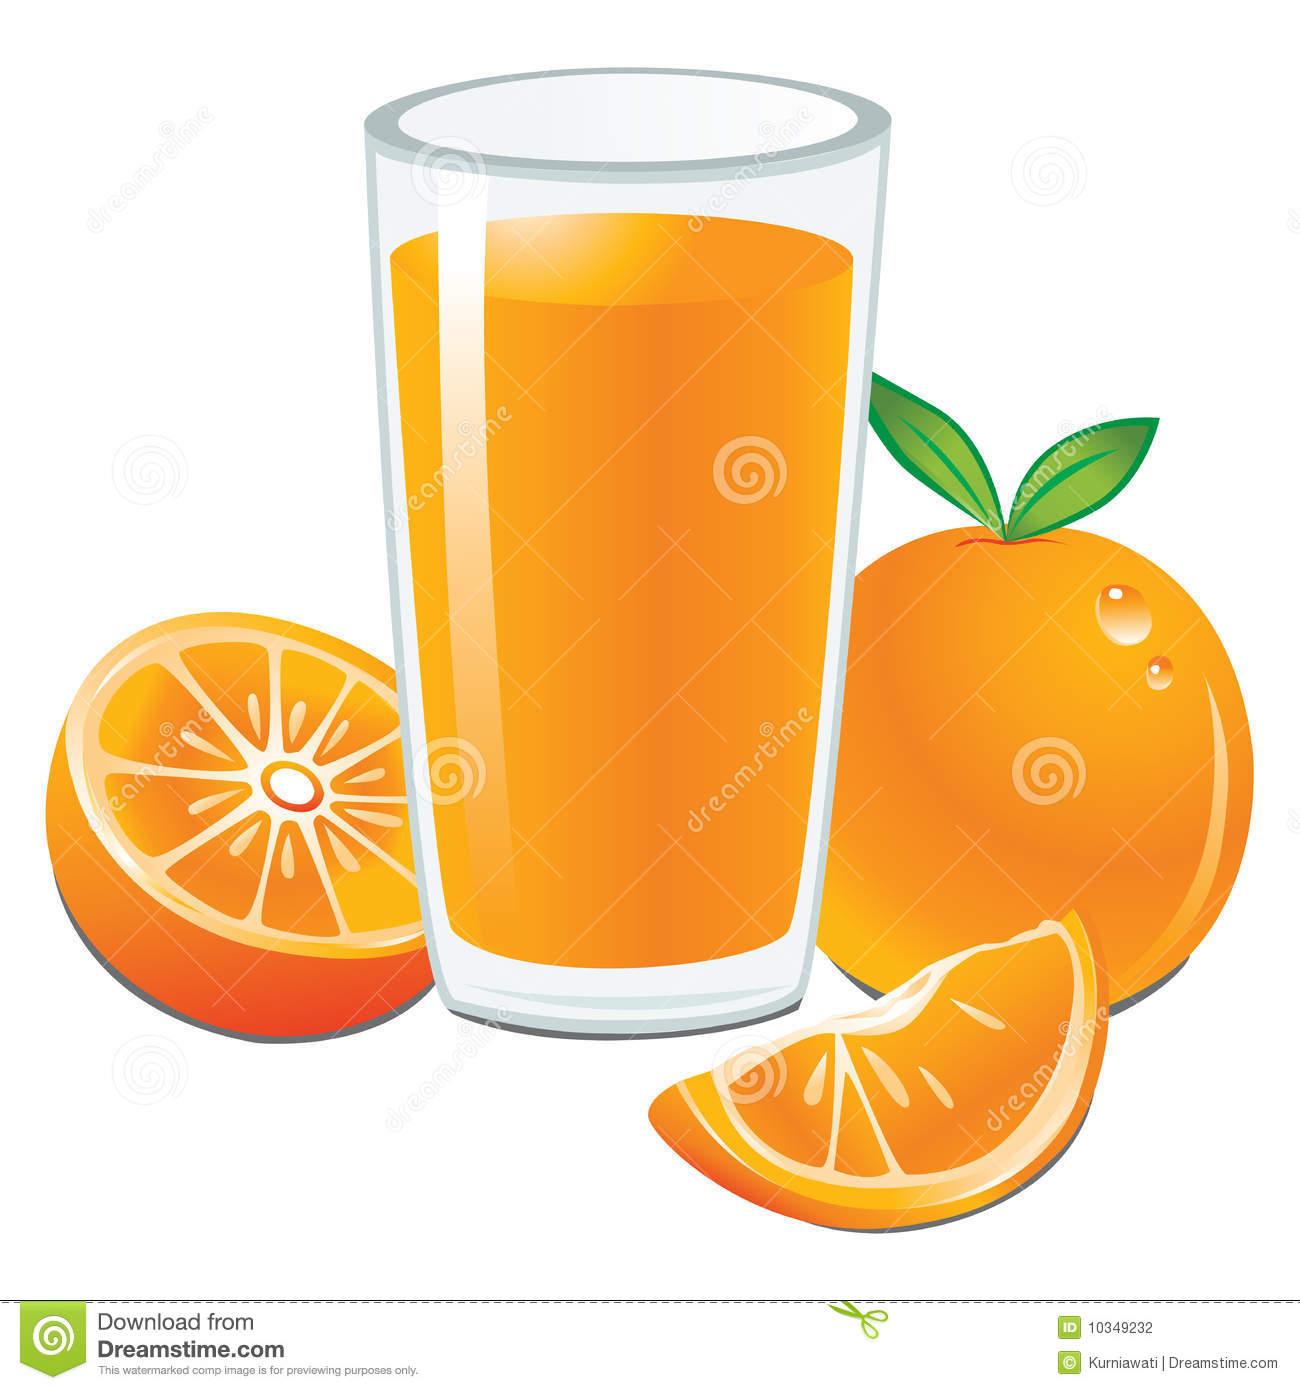 Clipart jus d'orange.